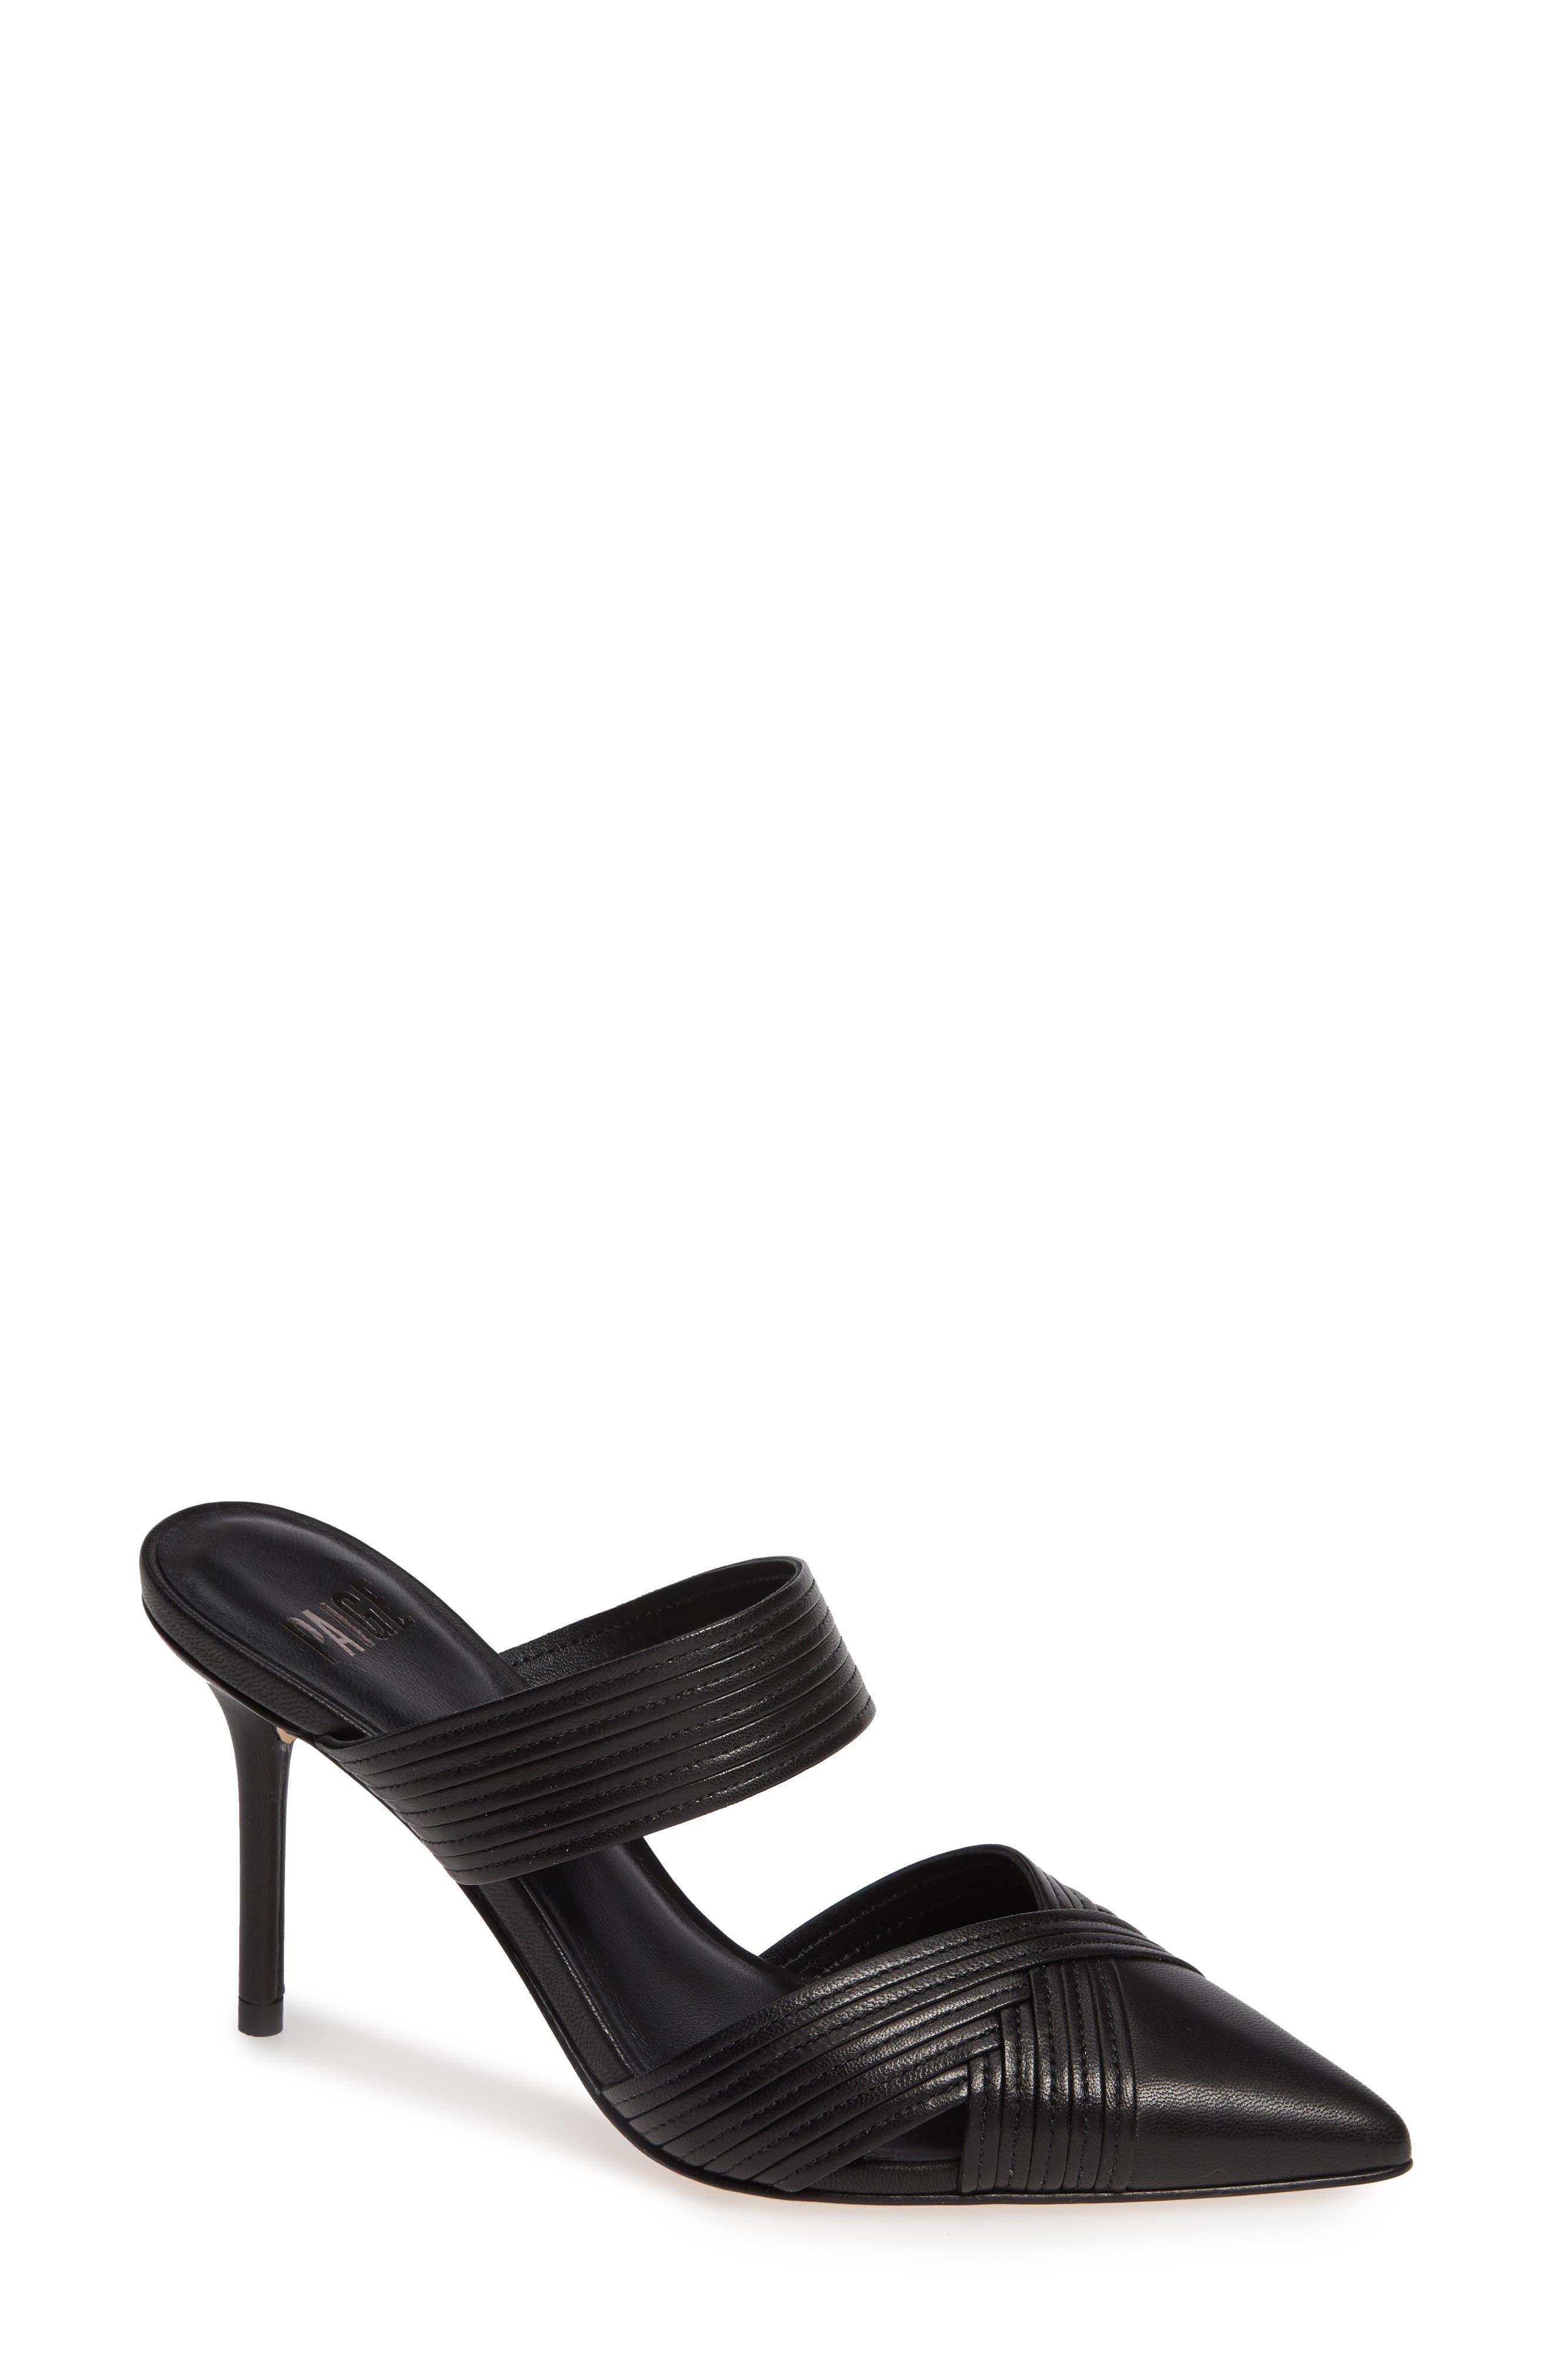 b0951e5fa58 Women s PAIGE Shoes